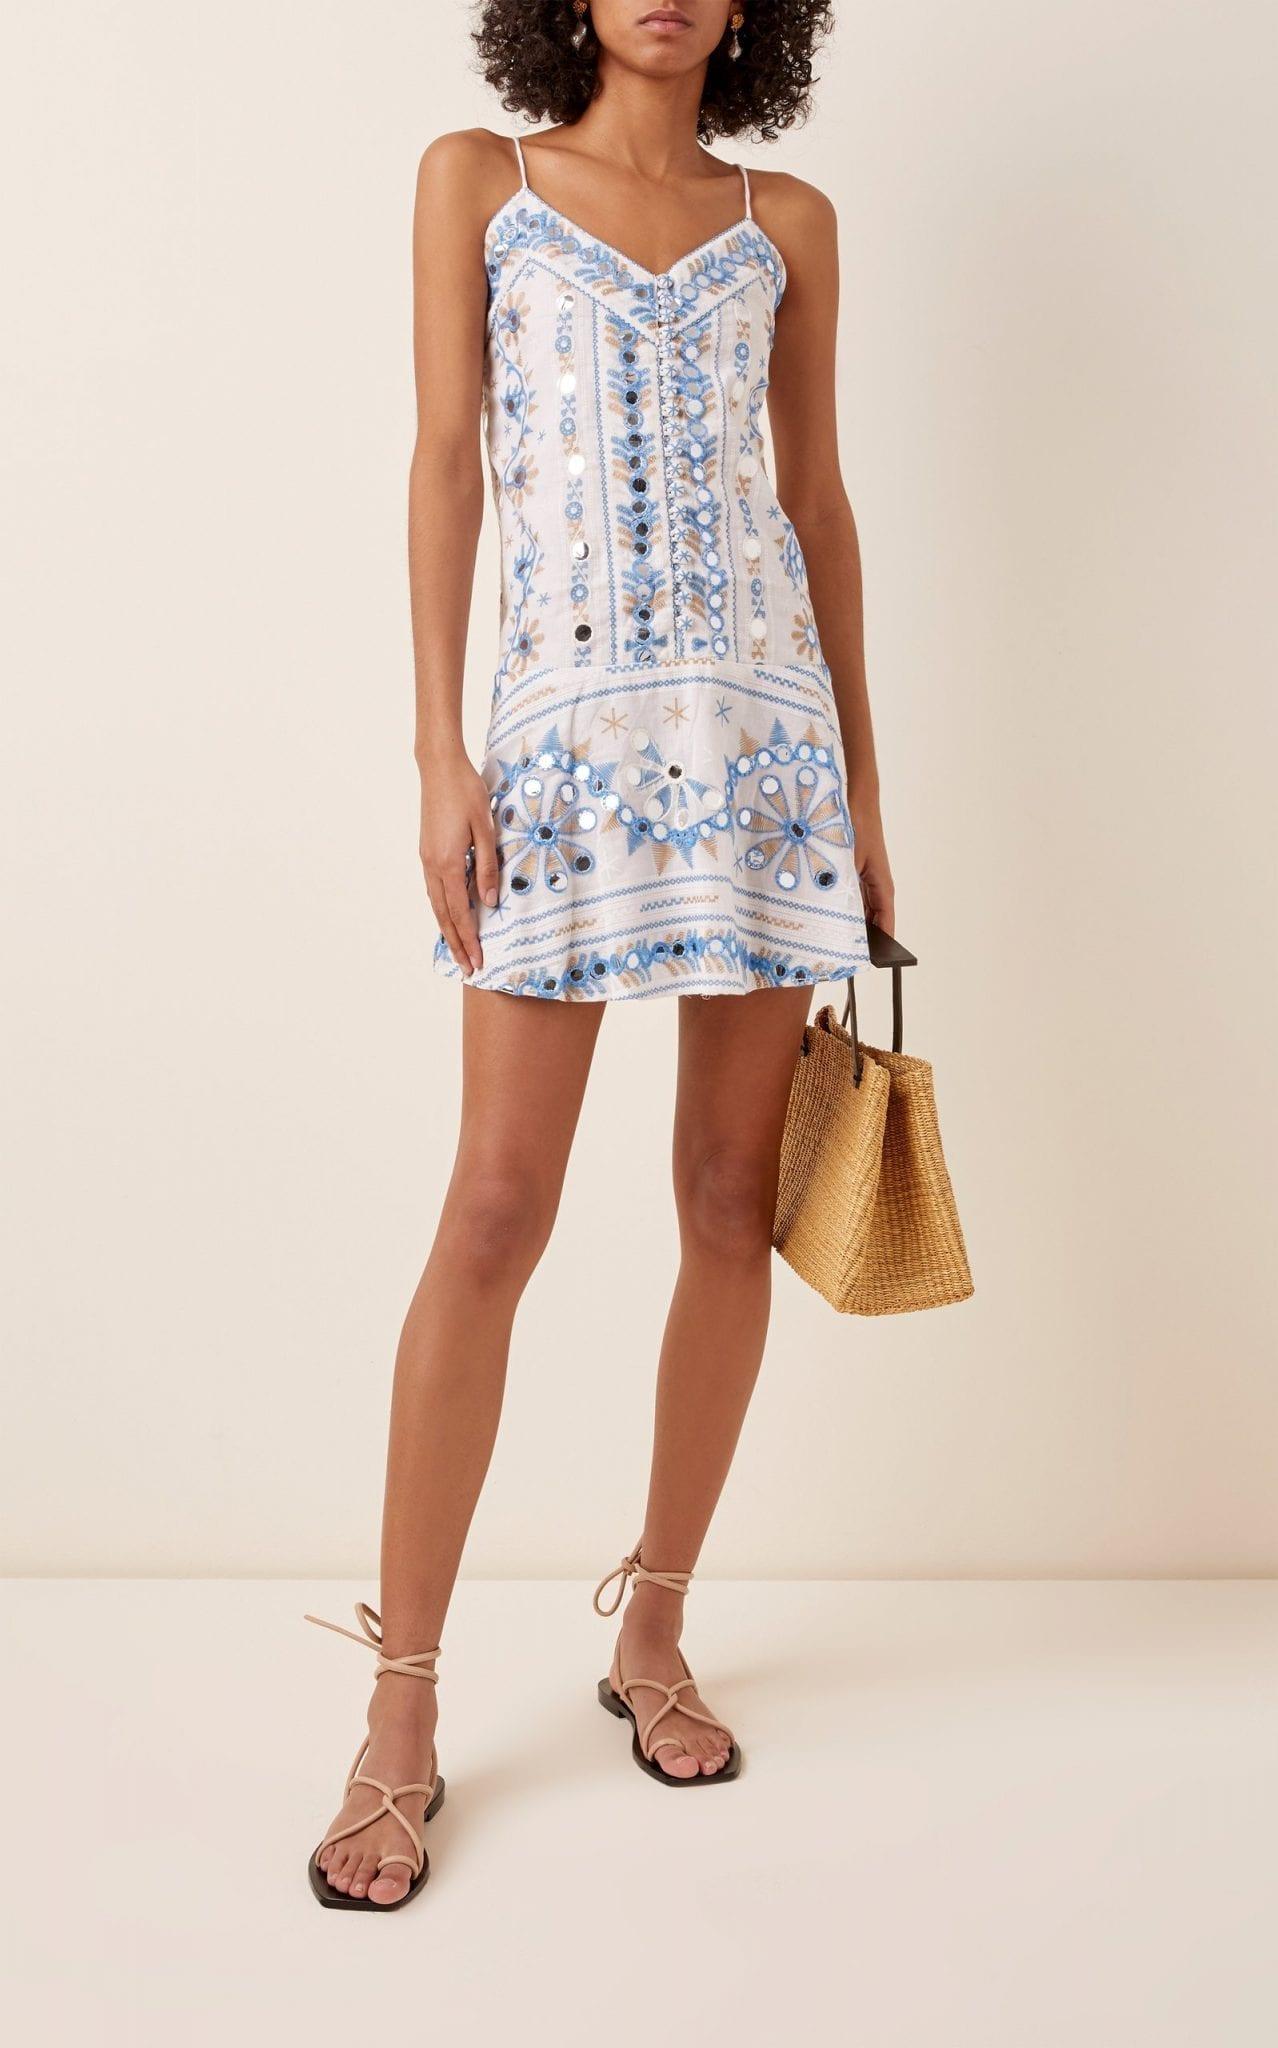 JULIET DUNN Embellished Nomad-Print Cotton Slip Dress